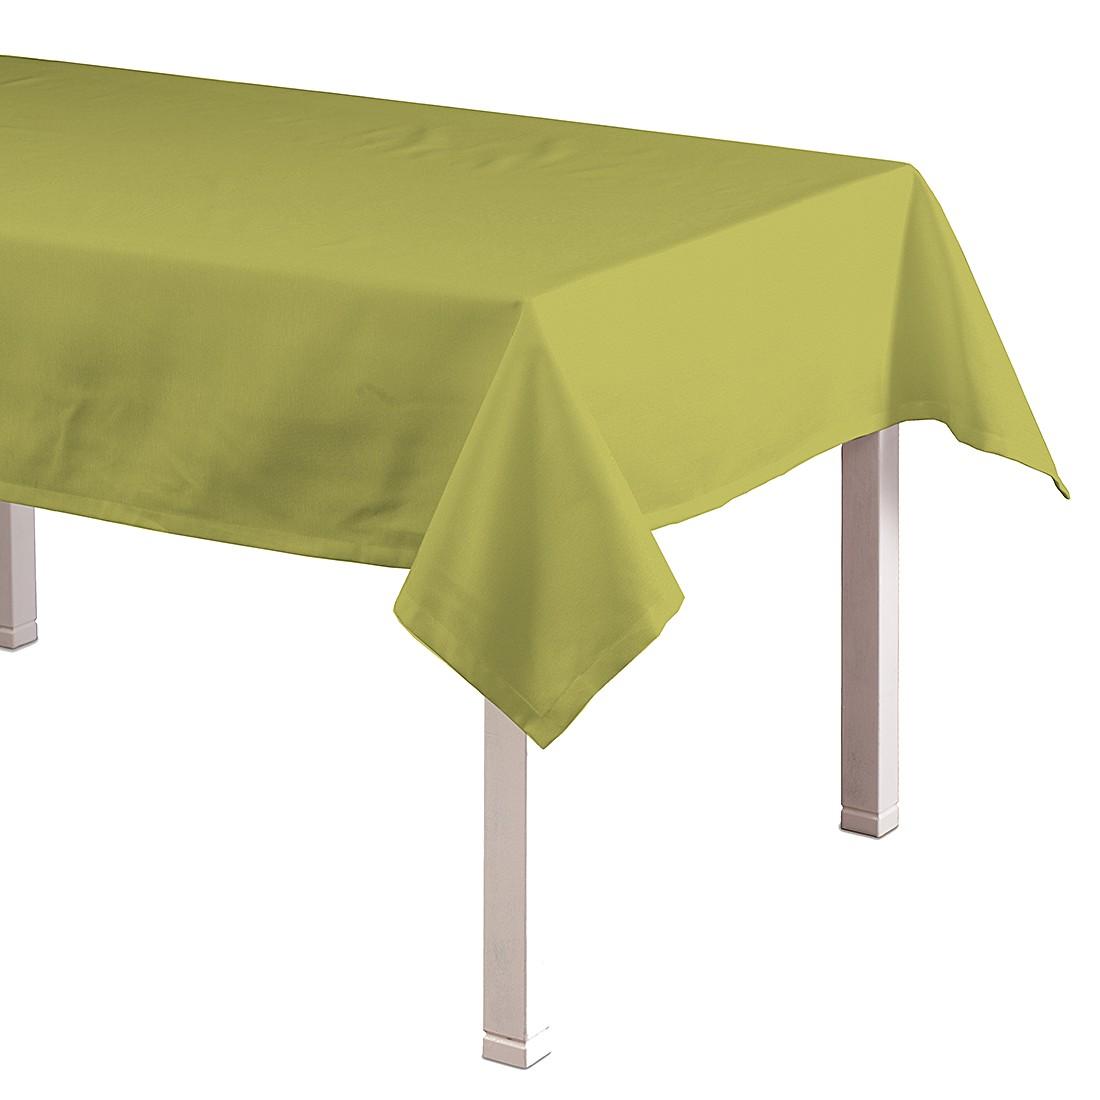 Tischdecke Loneta – Olivgrün – 130 x 210 cm, Dekoria jetzt kaufen